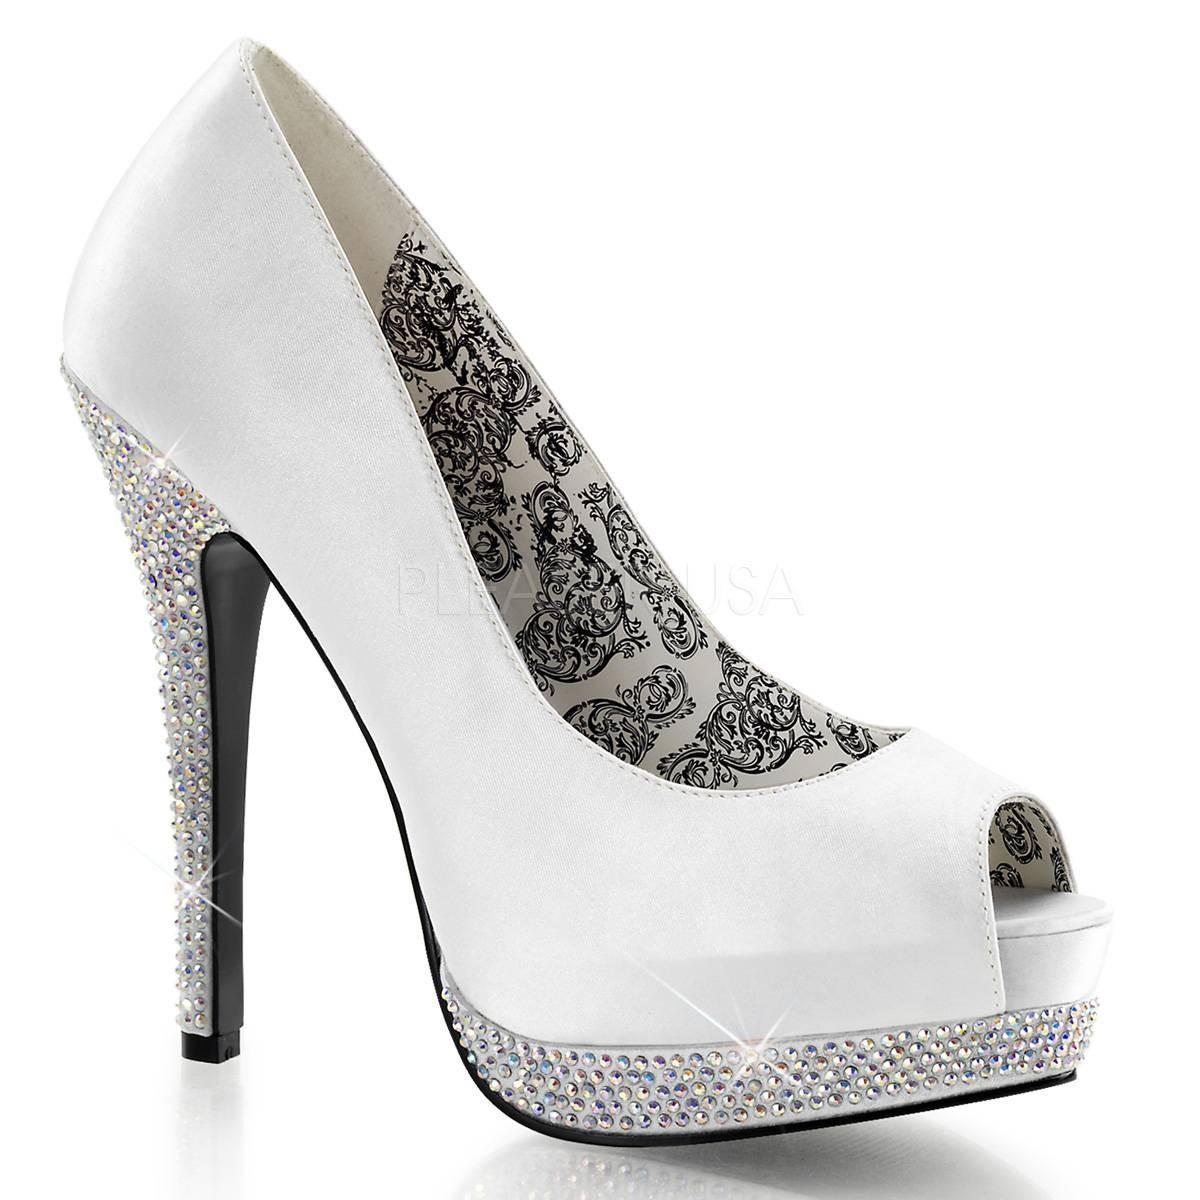 Highheels für Frauen - BELLA 12R ° Damen Peep Toe ° Weiß Satin ° Bordello  - Onlineshop RedSixty